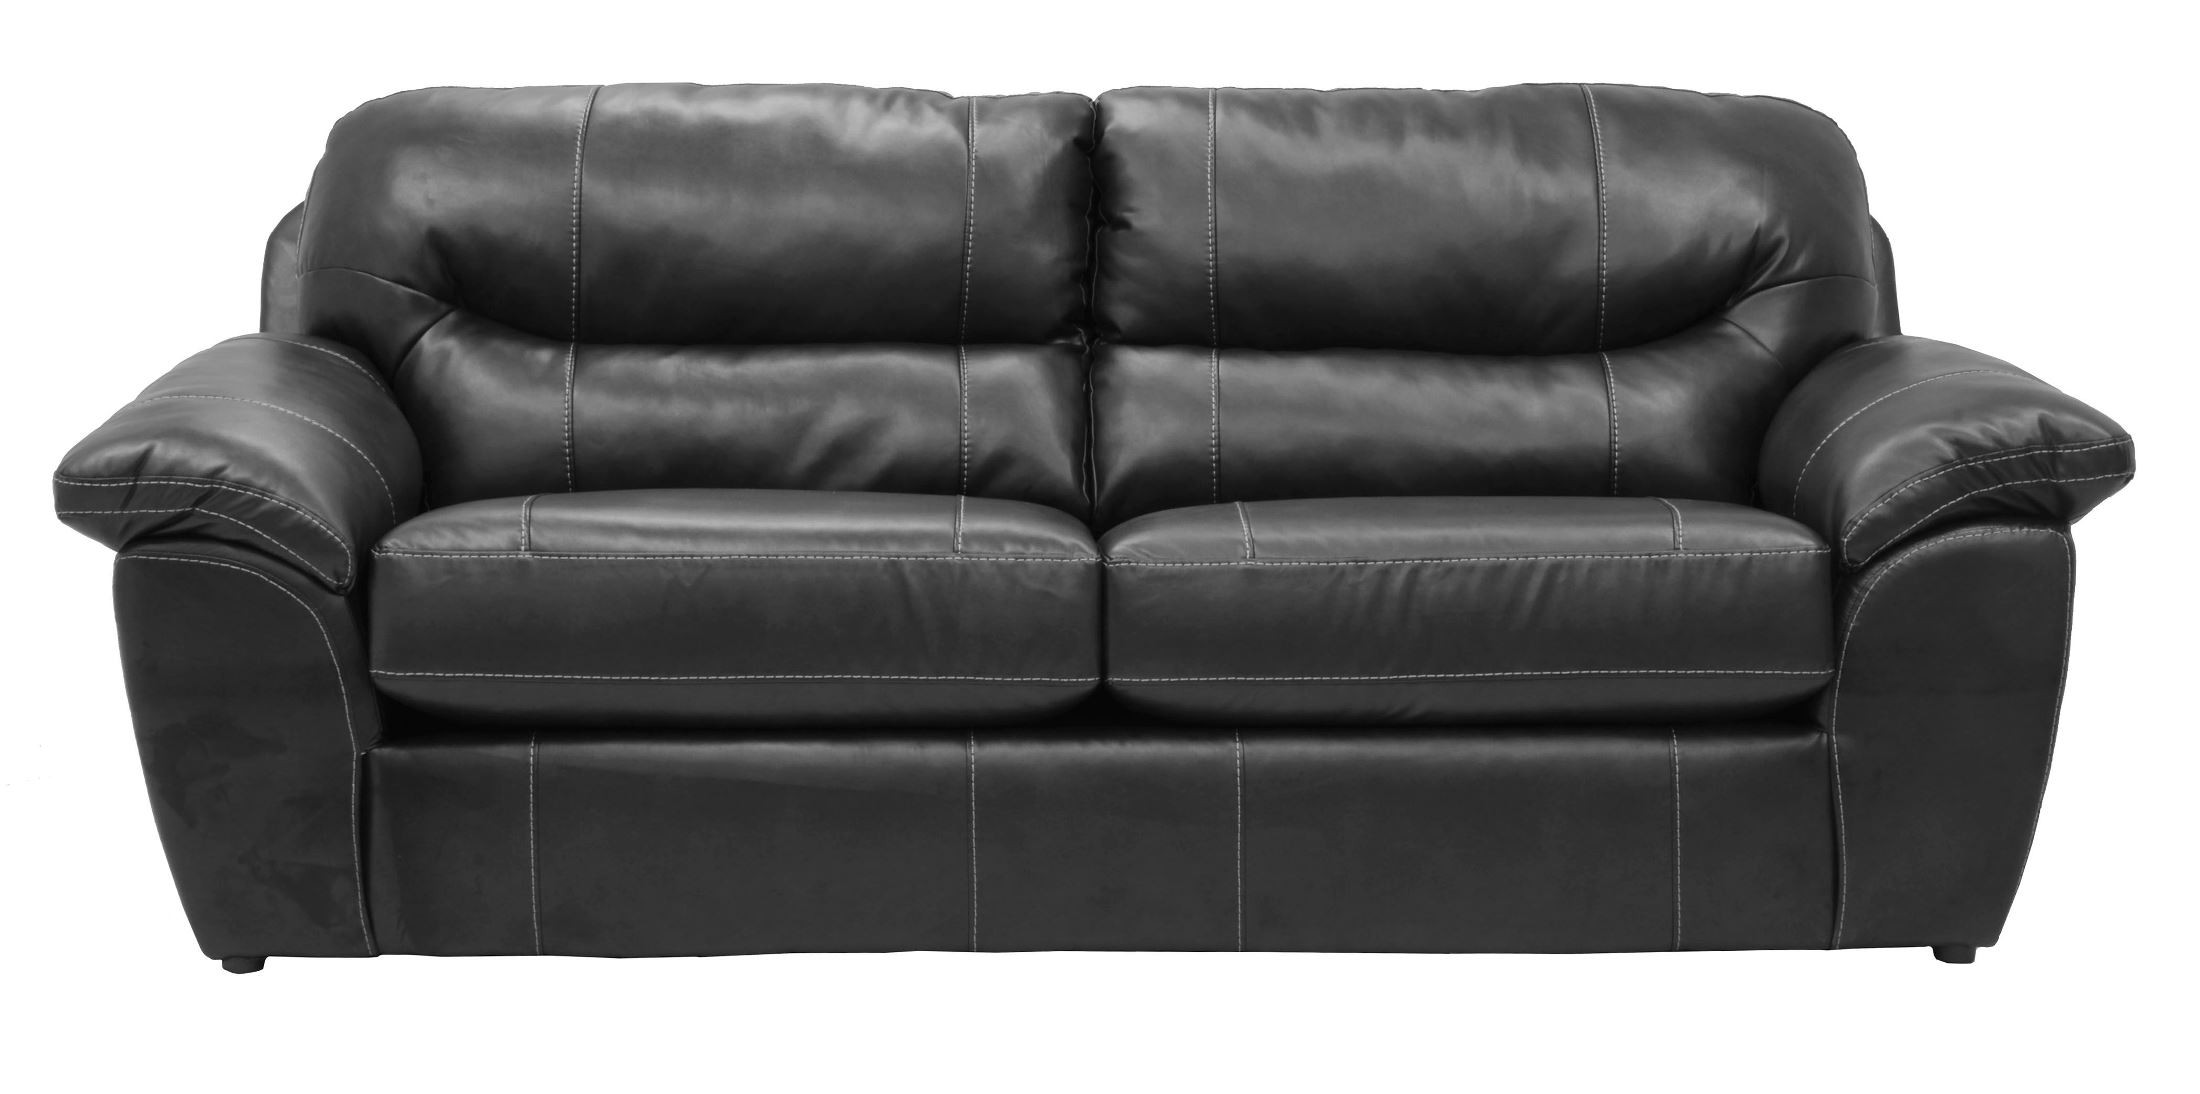 Brantley Steel Sleeper Sofa From Jackson